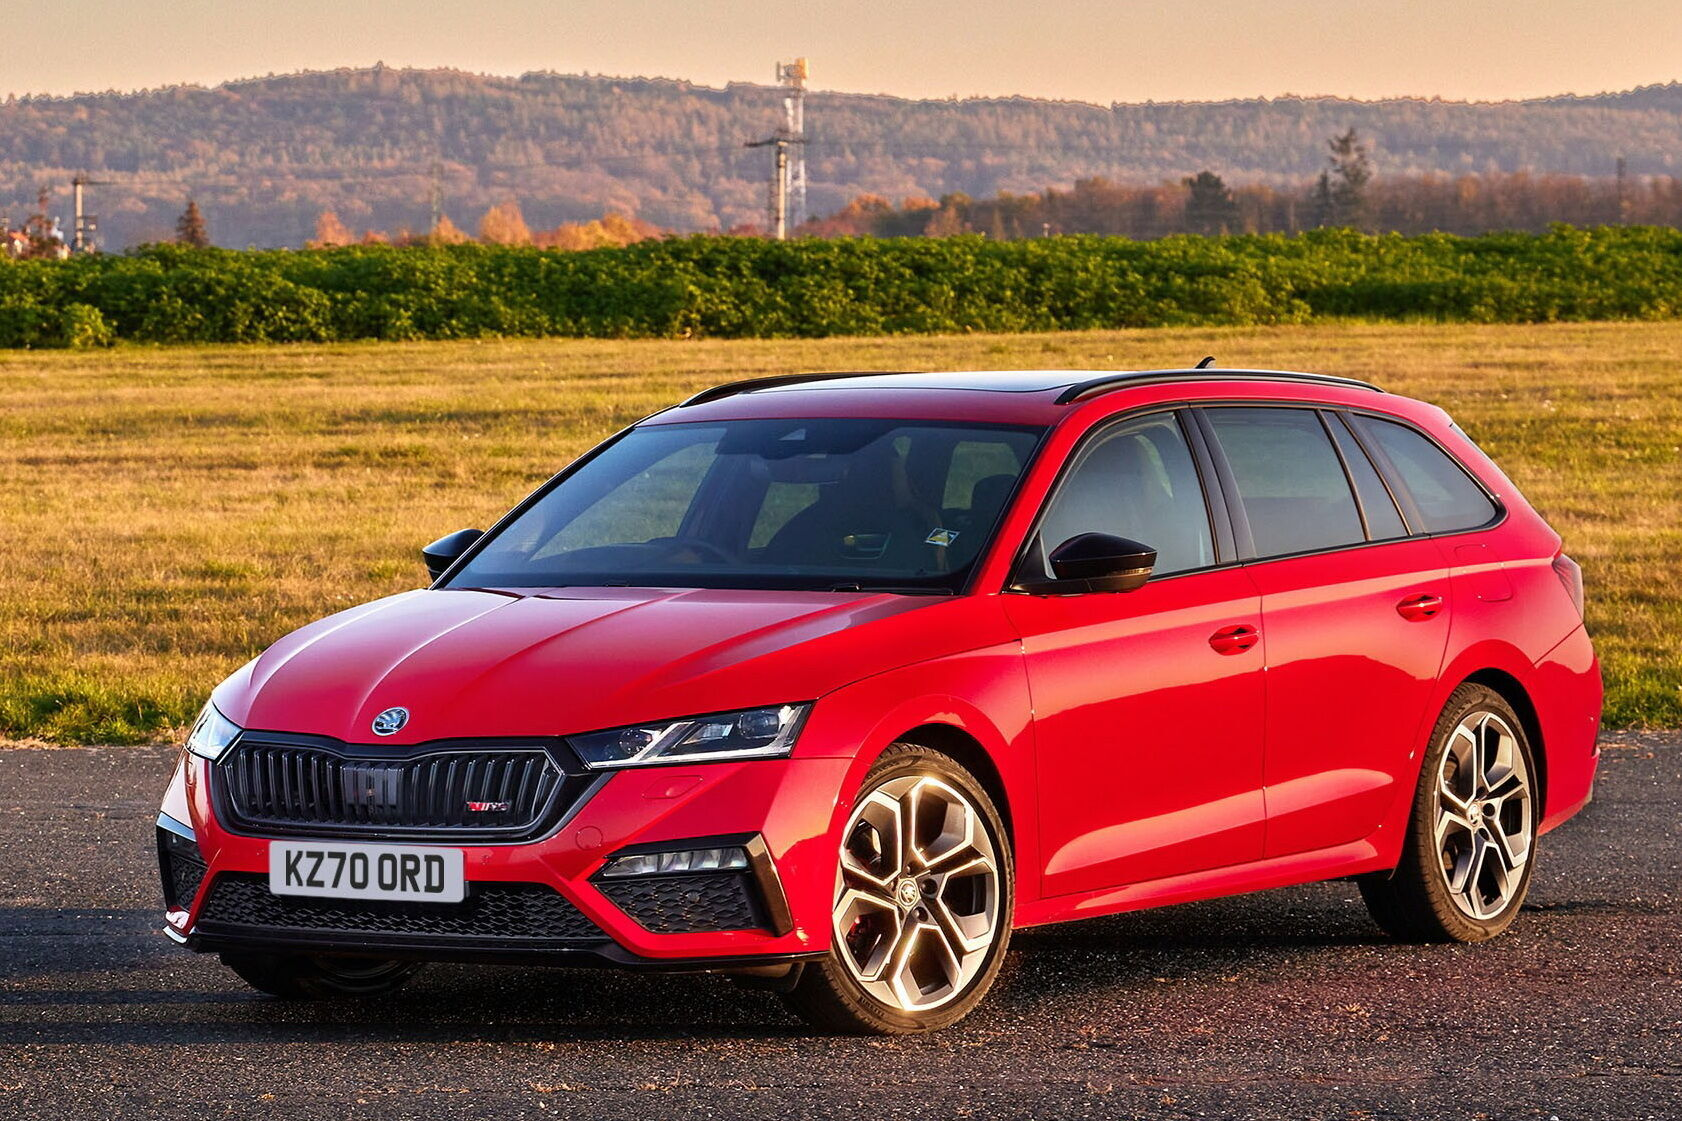 Автомобиль будет предложен в двух типах кузовов – лифтбек и универсал